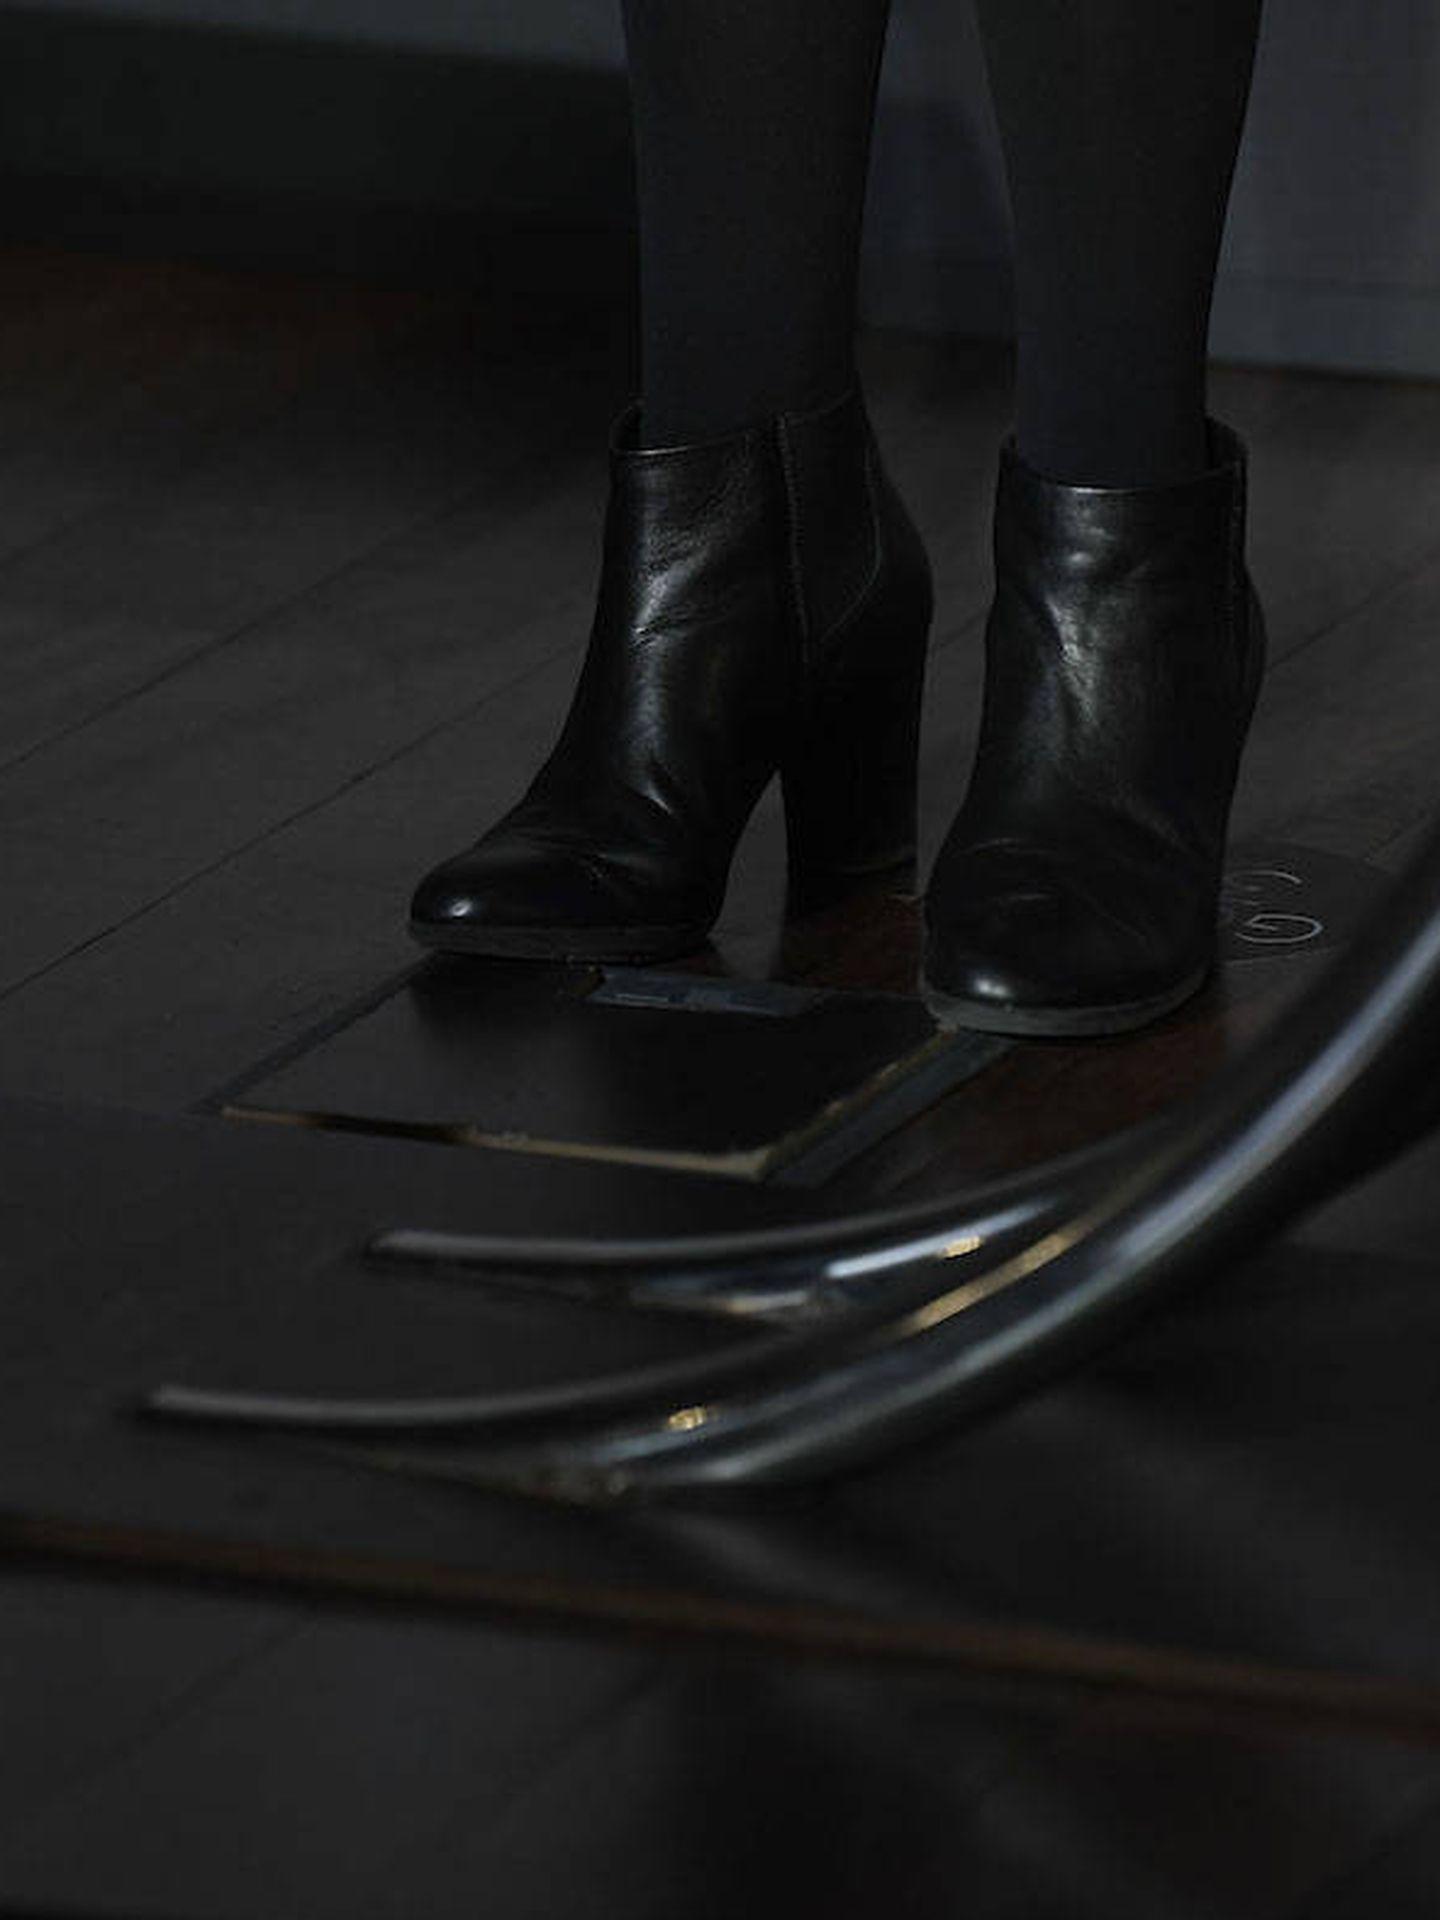 Detalle de los botines de Ana Belén. (Limited Pictures)